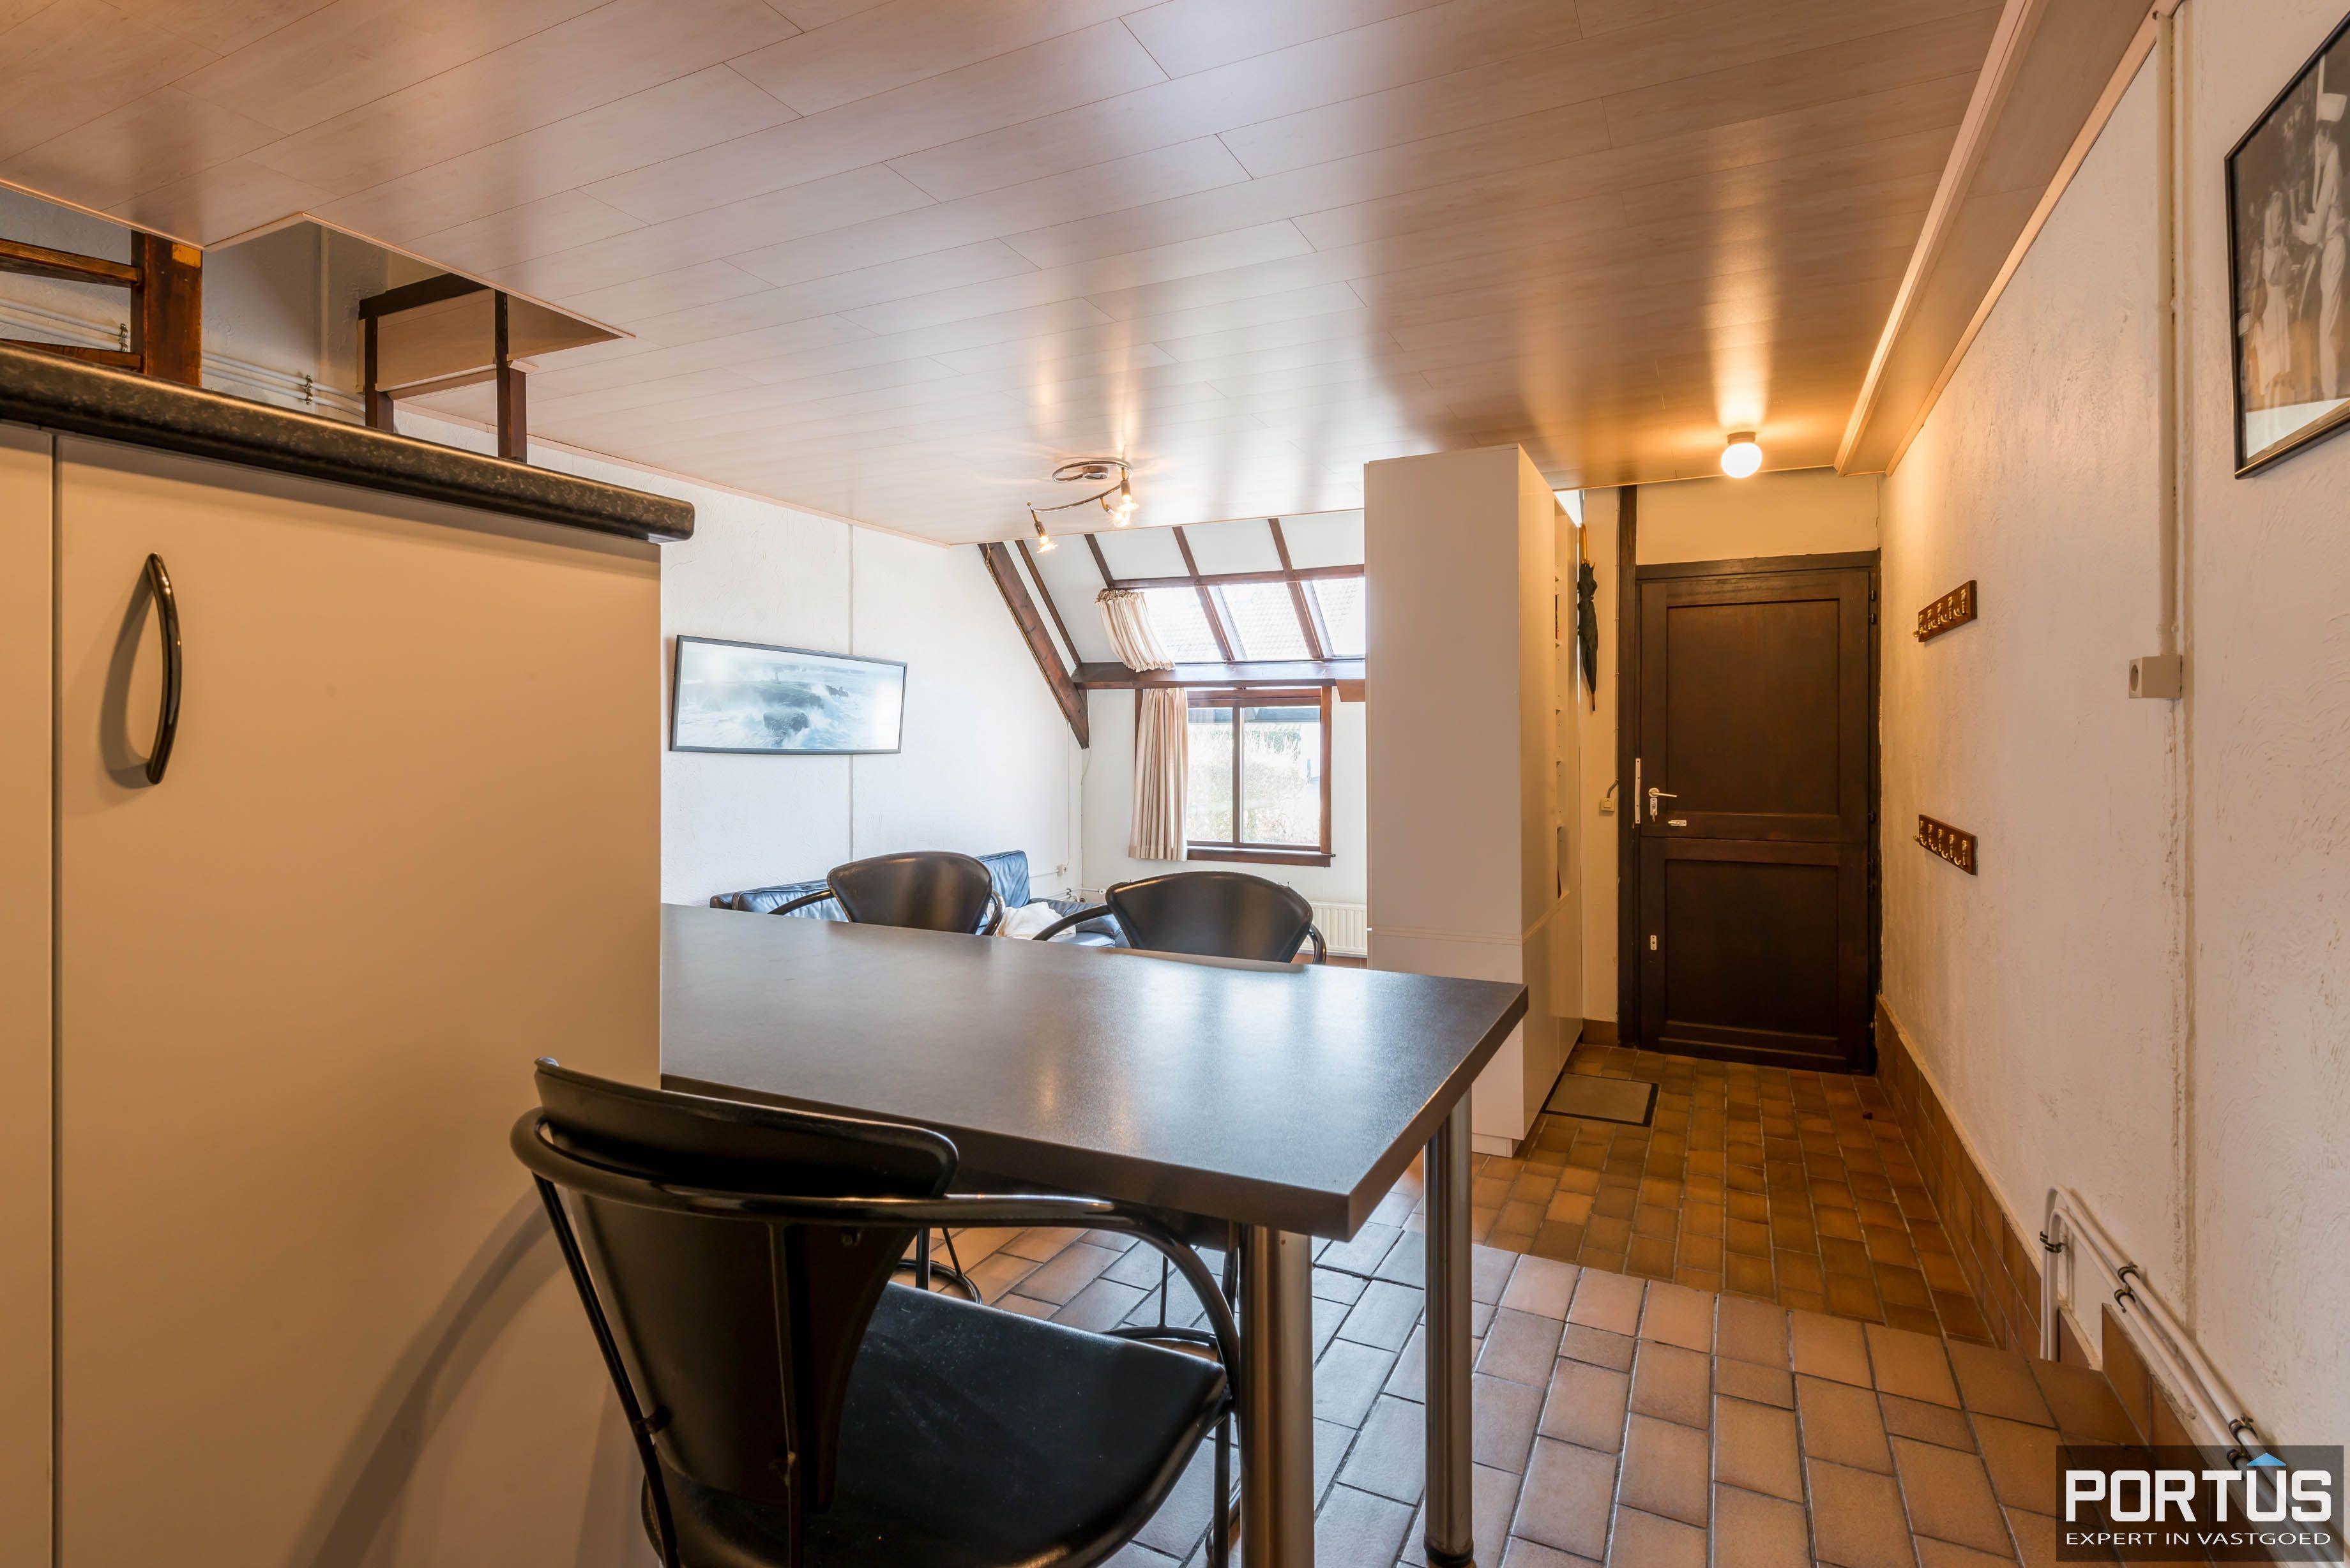 Woning te koop Nieuwpoort 4 slaapkamers en parking - 5573